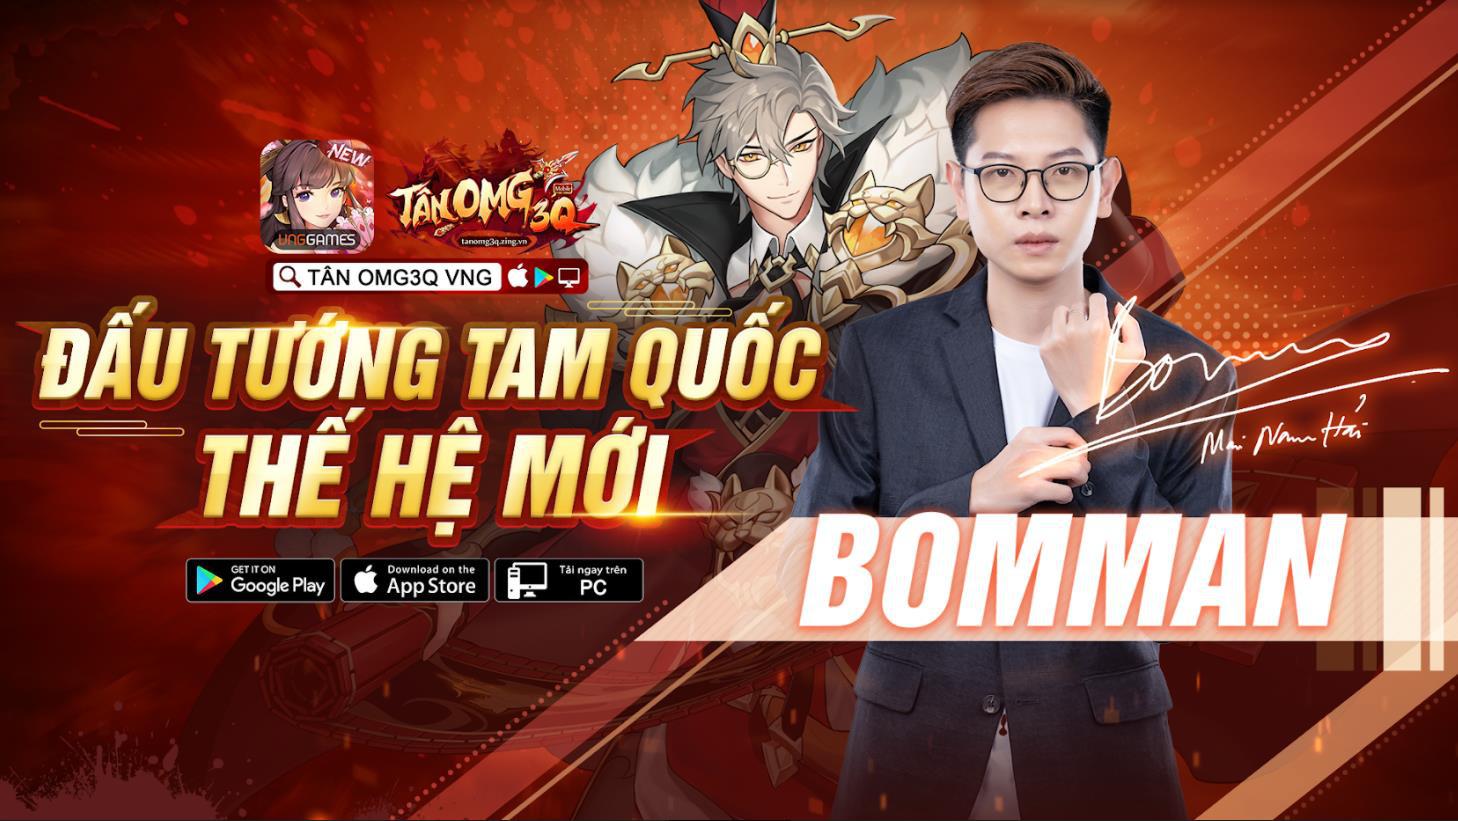 Từ làng streamer đến giới showbiz, các hot boy, hot girl đều thành fan của game chiến thuật Tân OMG3Q VNG - Ảnh 2.